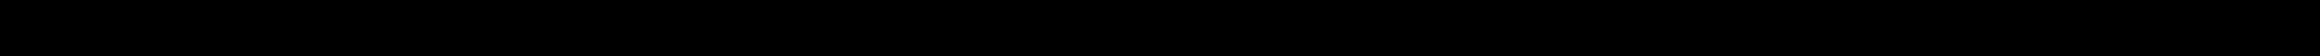 NGK BY482-BKR6E, MZ 602 075, LL1, LPG1, LPG Laser Line 1 Tennplugg